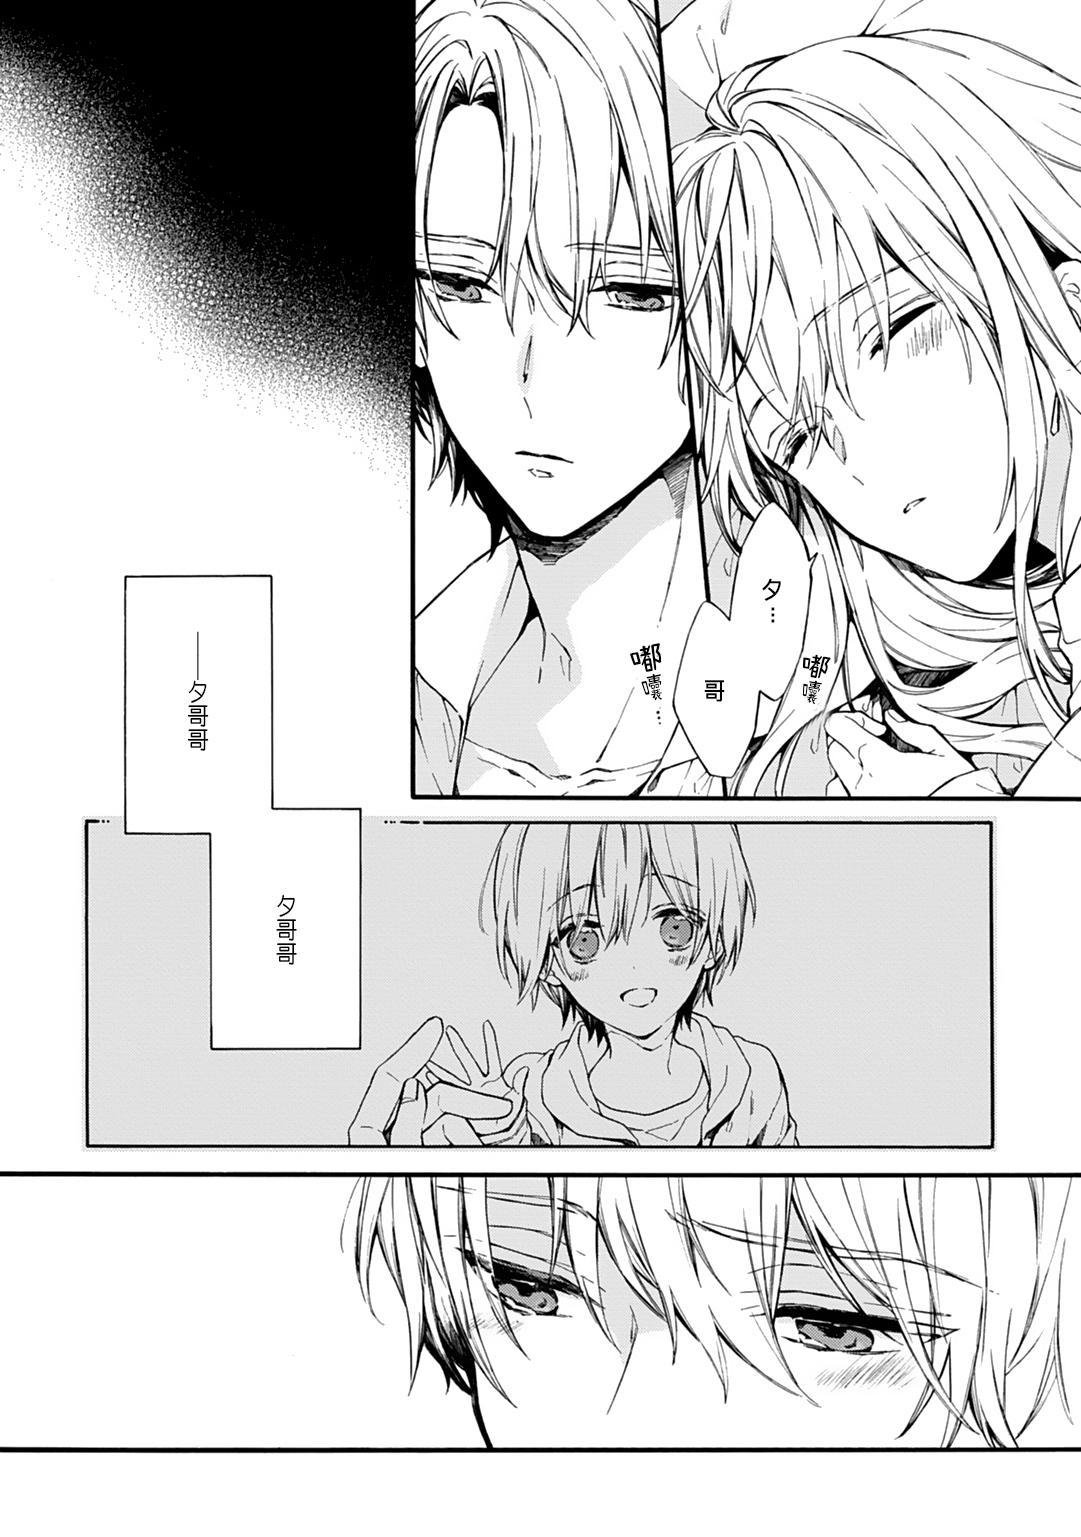 [Suzushiro Nerita] Otomege (18-kin) de Nyotaika shita Ore wa ~Clear Jouken wa Dekiai Ecchi!?~ 1-3 [Chinese] 63